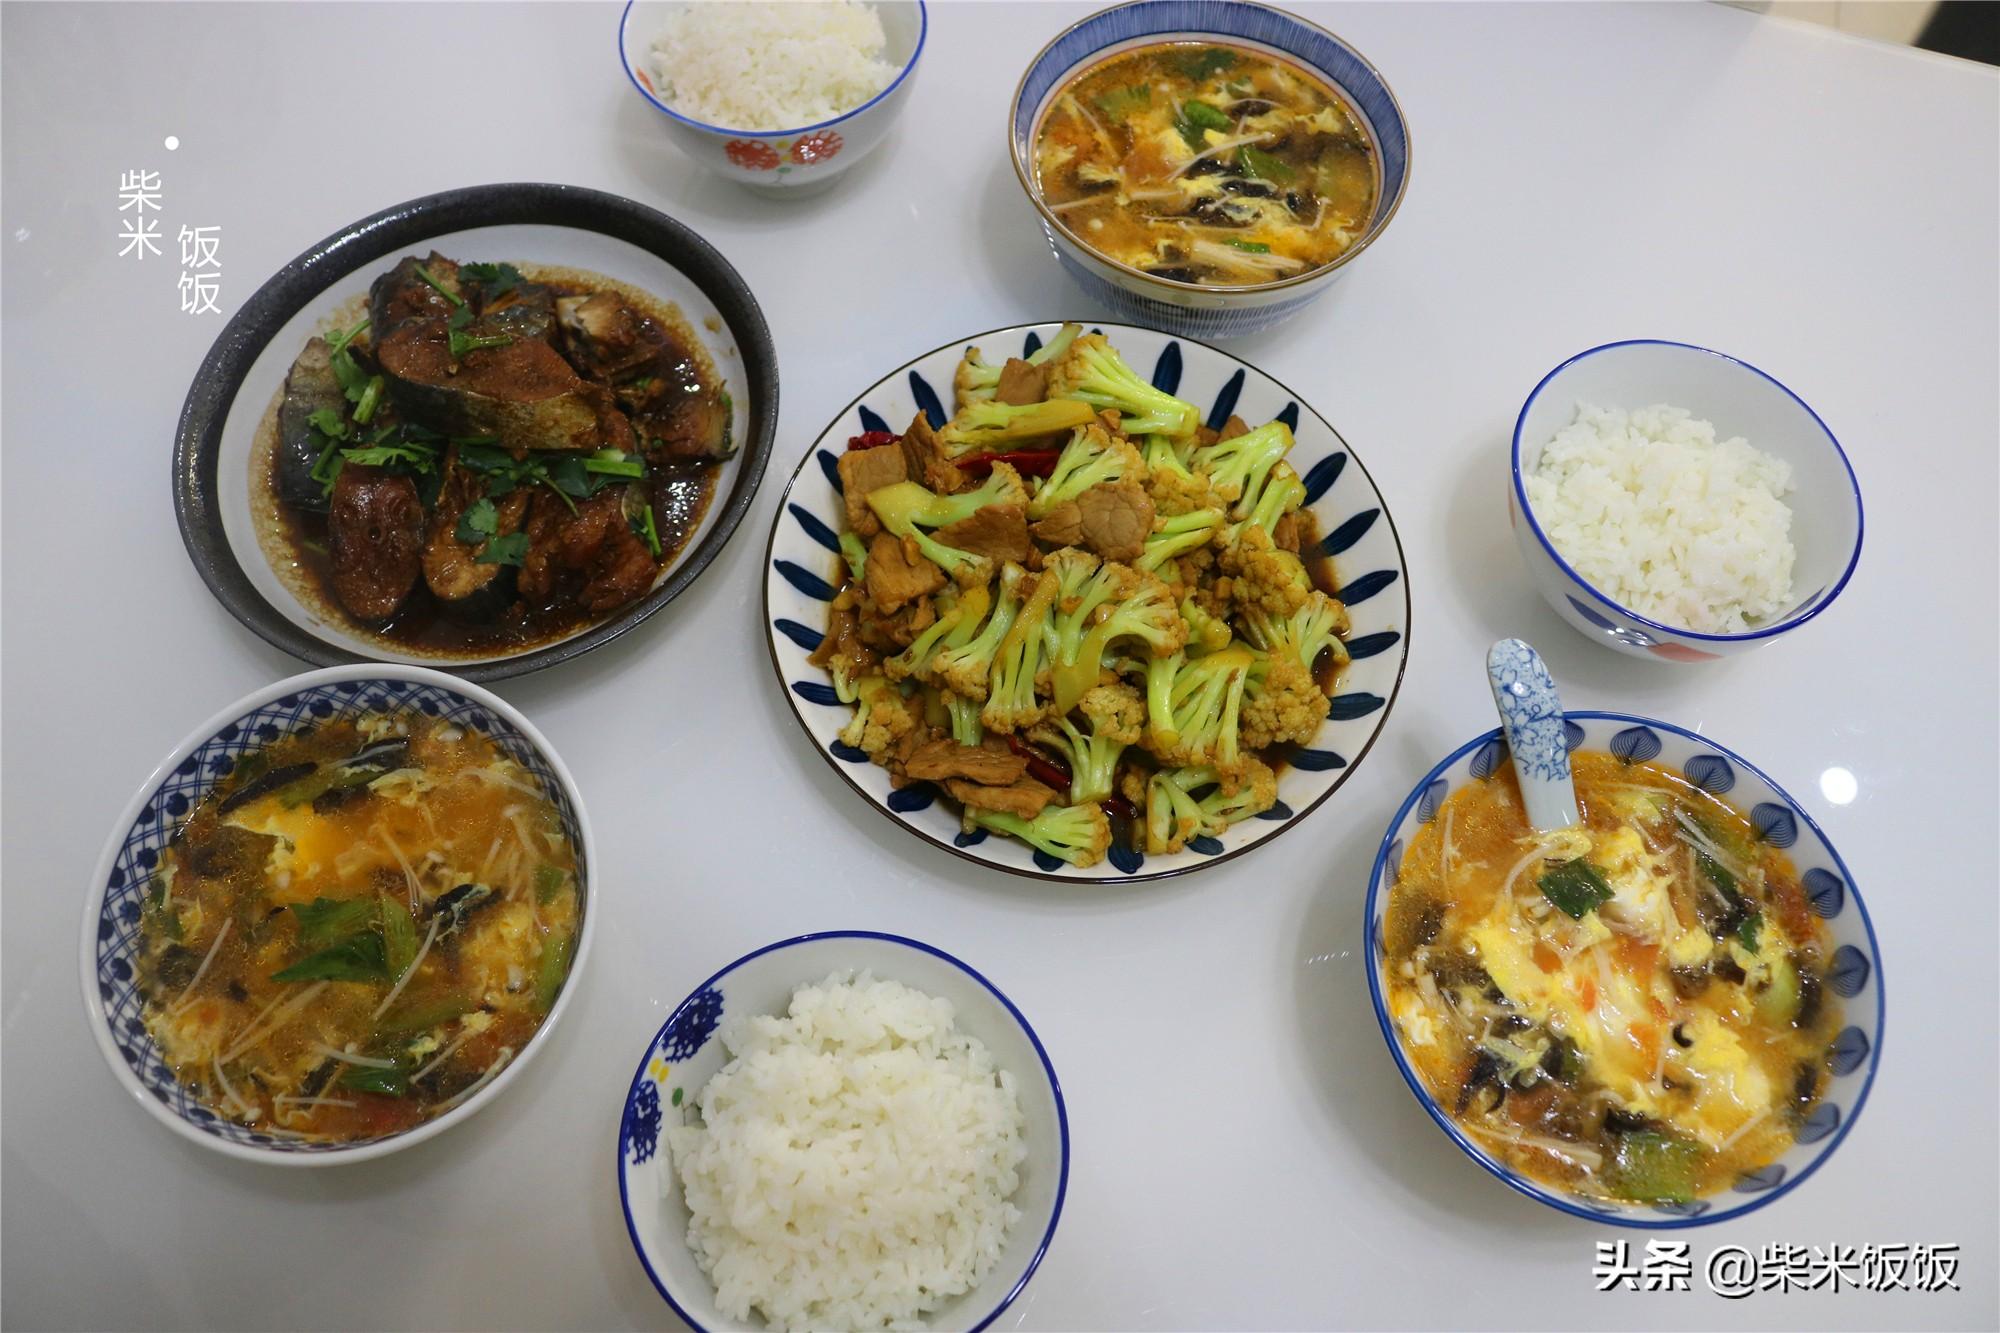 晒我家6天晚餐,全是家常菜,每天花费不到50元,实惠好吃 美食做法 第4张